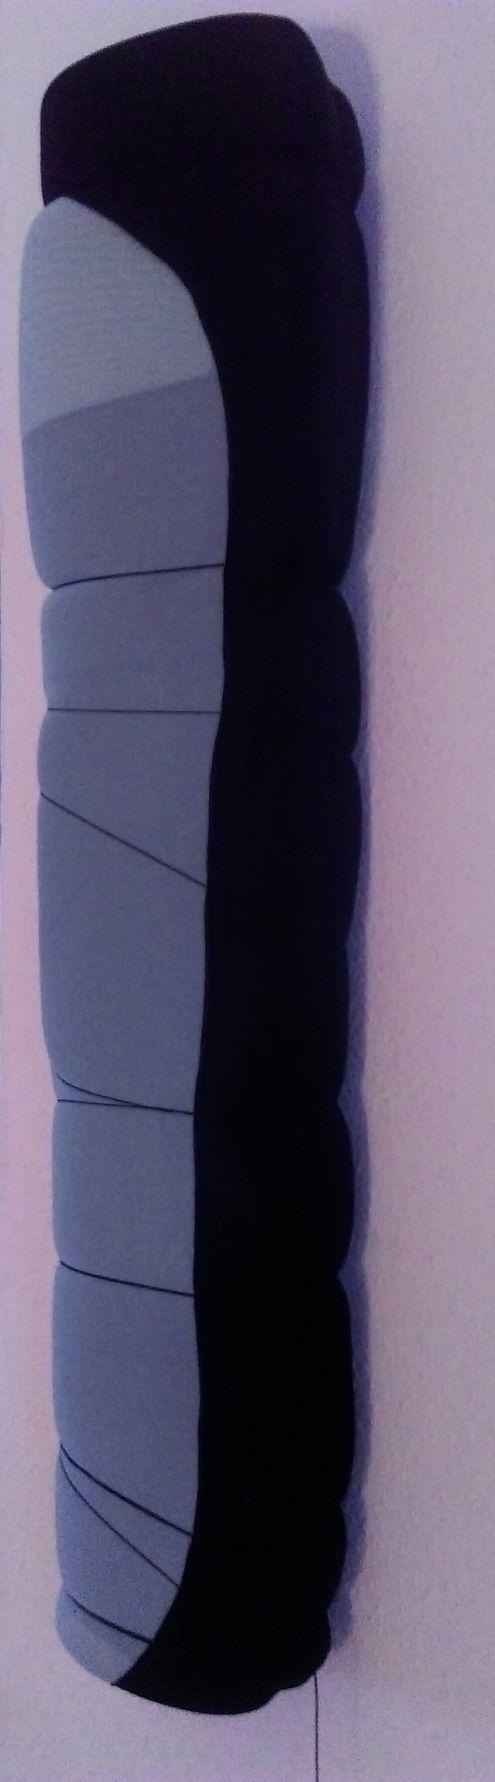 larva (2017) - Susana Martín Villarrubia